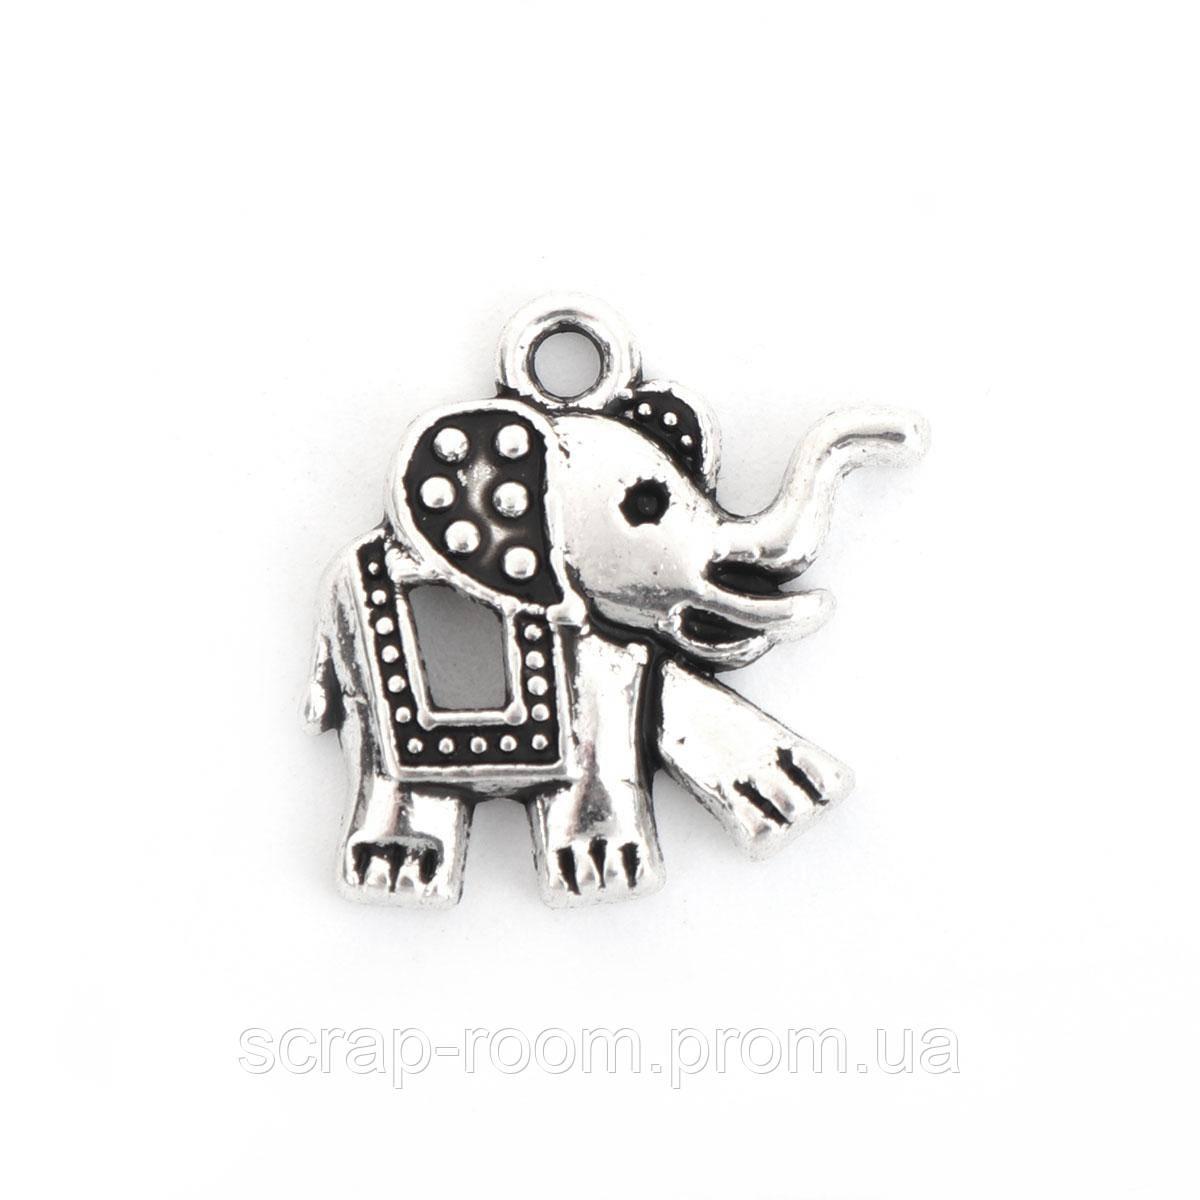 Подвеска металлическая слон серебро 18*17 мм